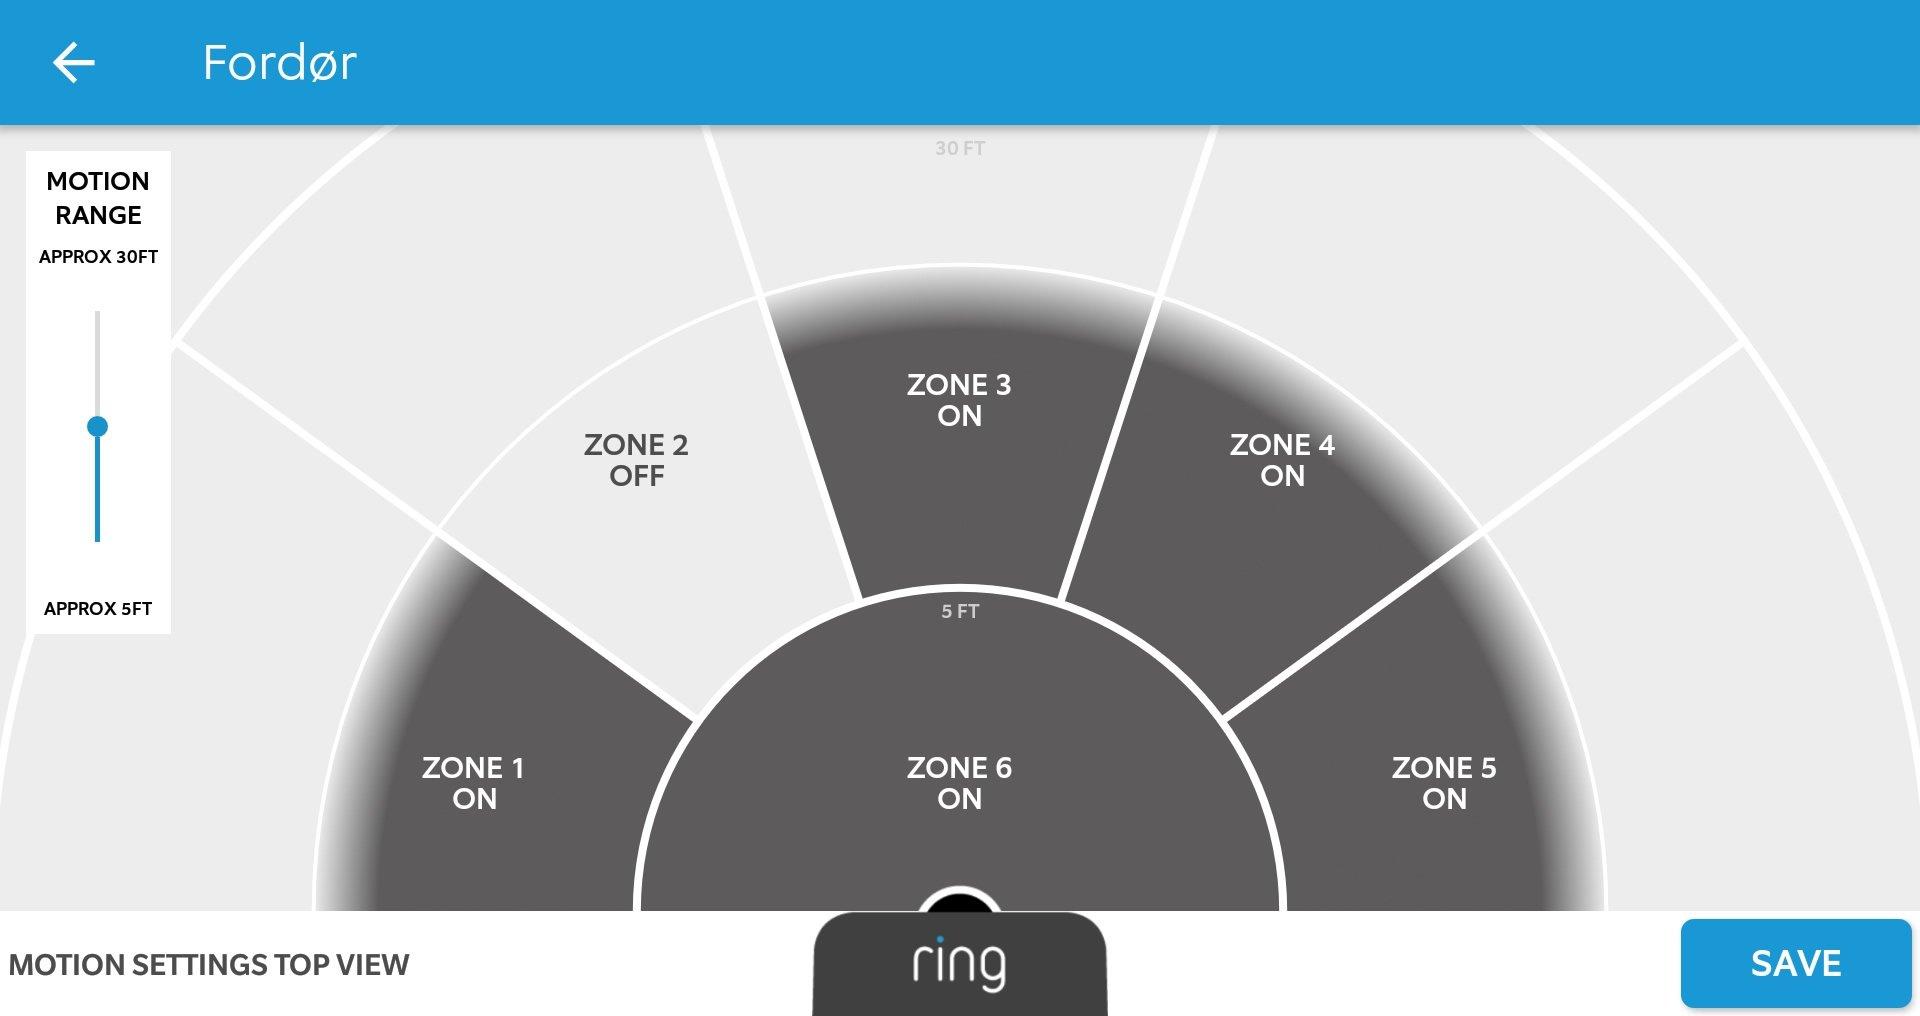 Ring app motion setup